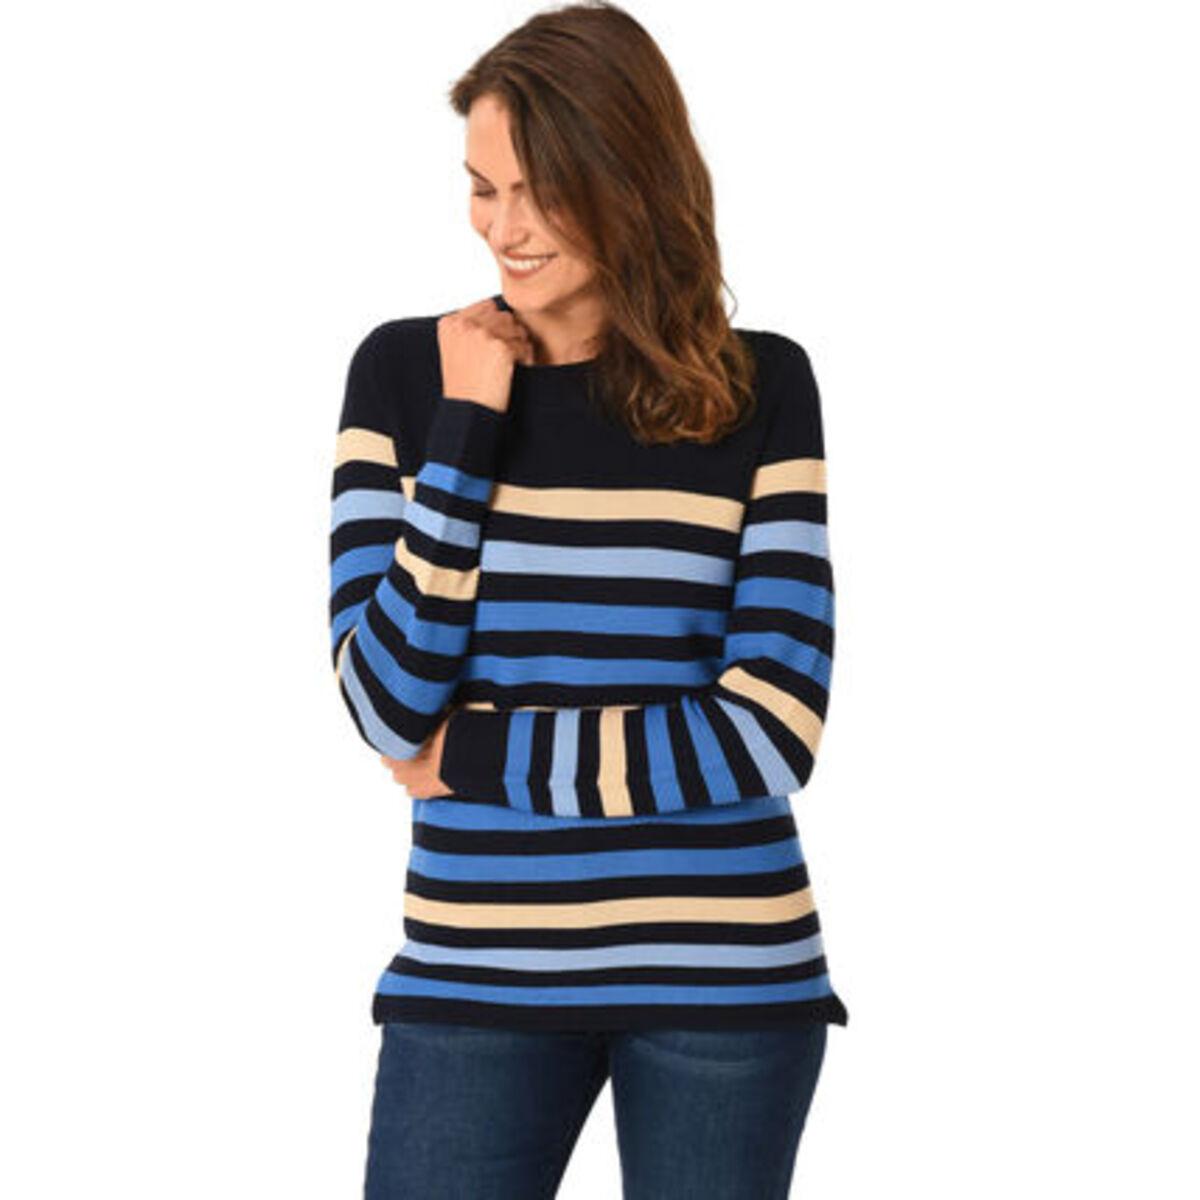 Bild 1 von Adagio Pullover, Baumwoll-Mix, Rundhalsausschnitt, Streifen-Muster, für Damen